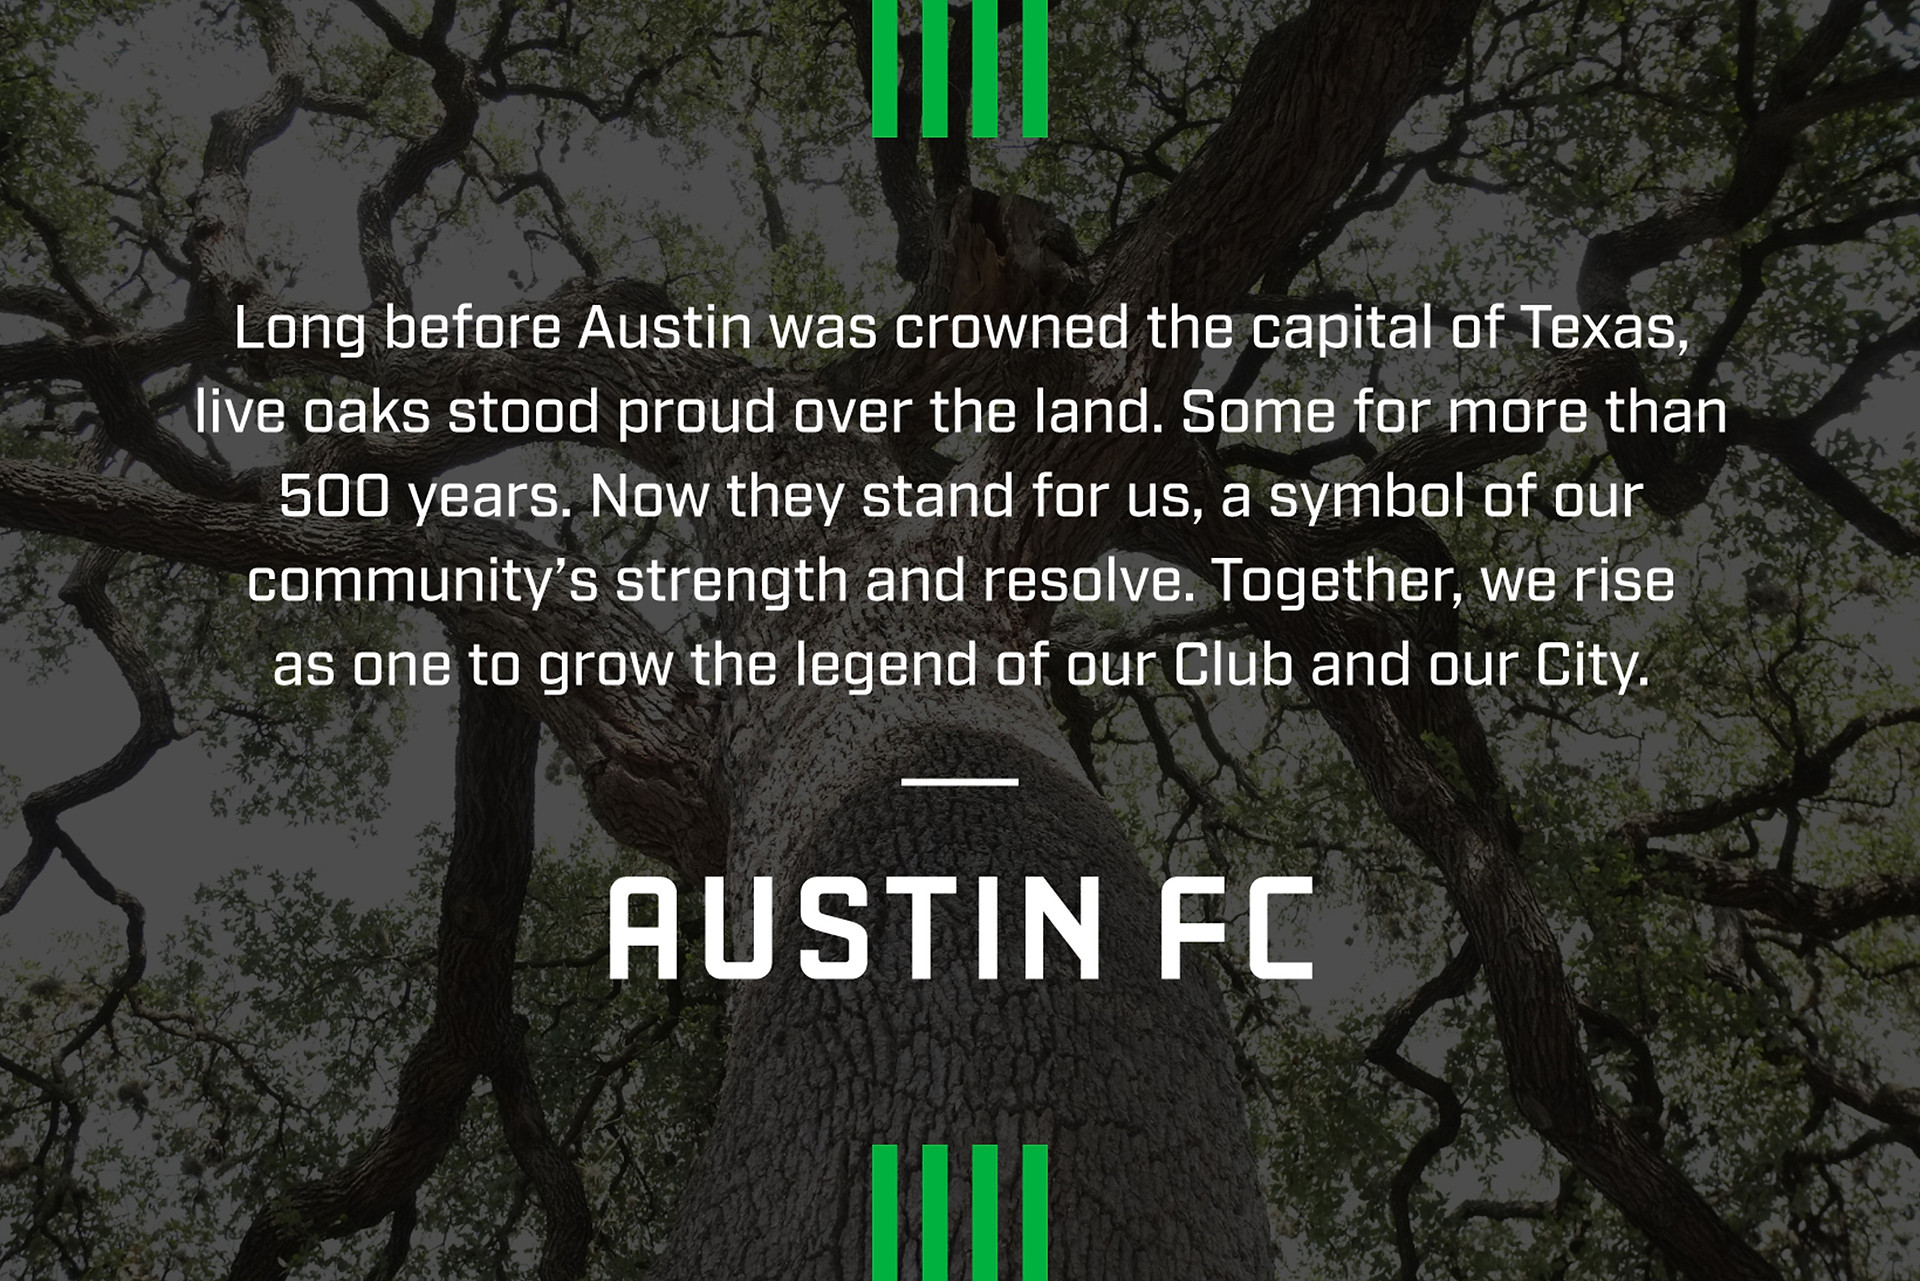 Austin_FC_2.jpg